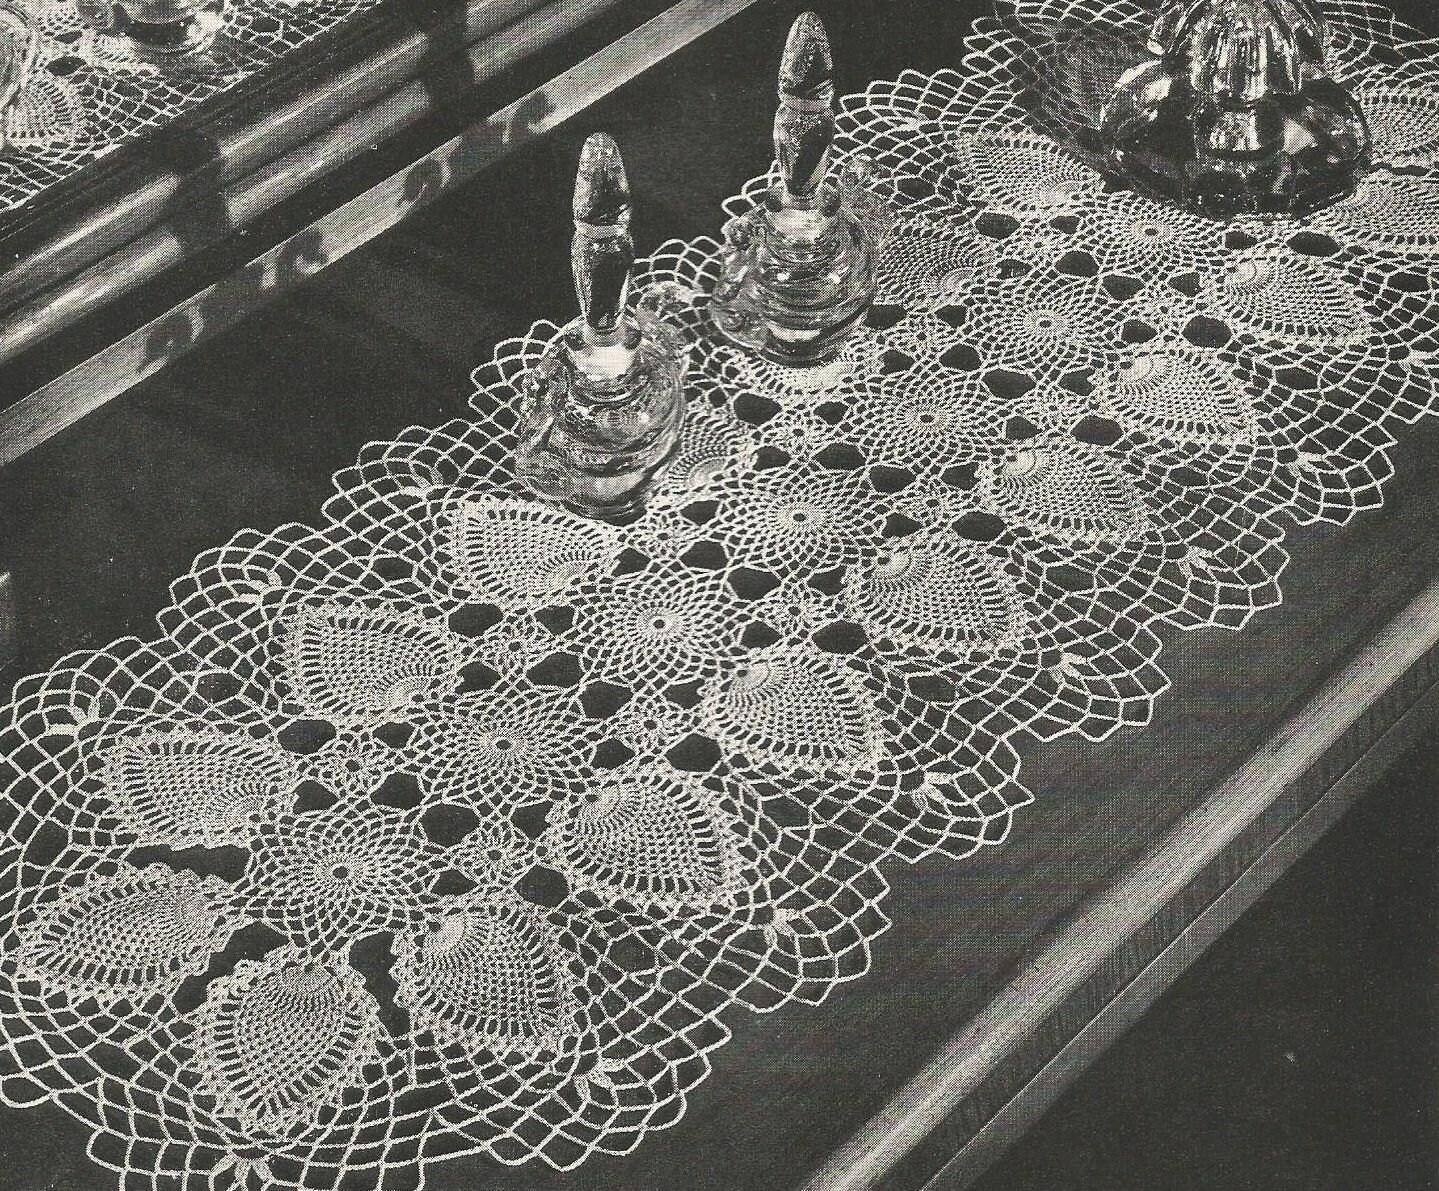 Pdf 3 Pineapple Crochet Patterns Doily Runner Oval Doily Table Etsy